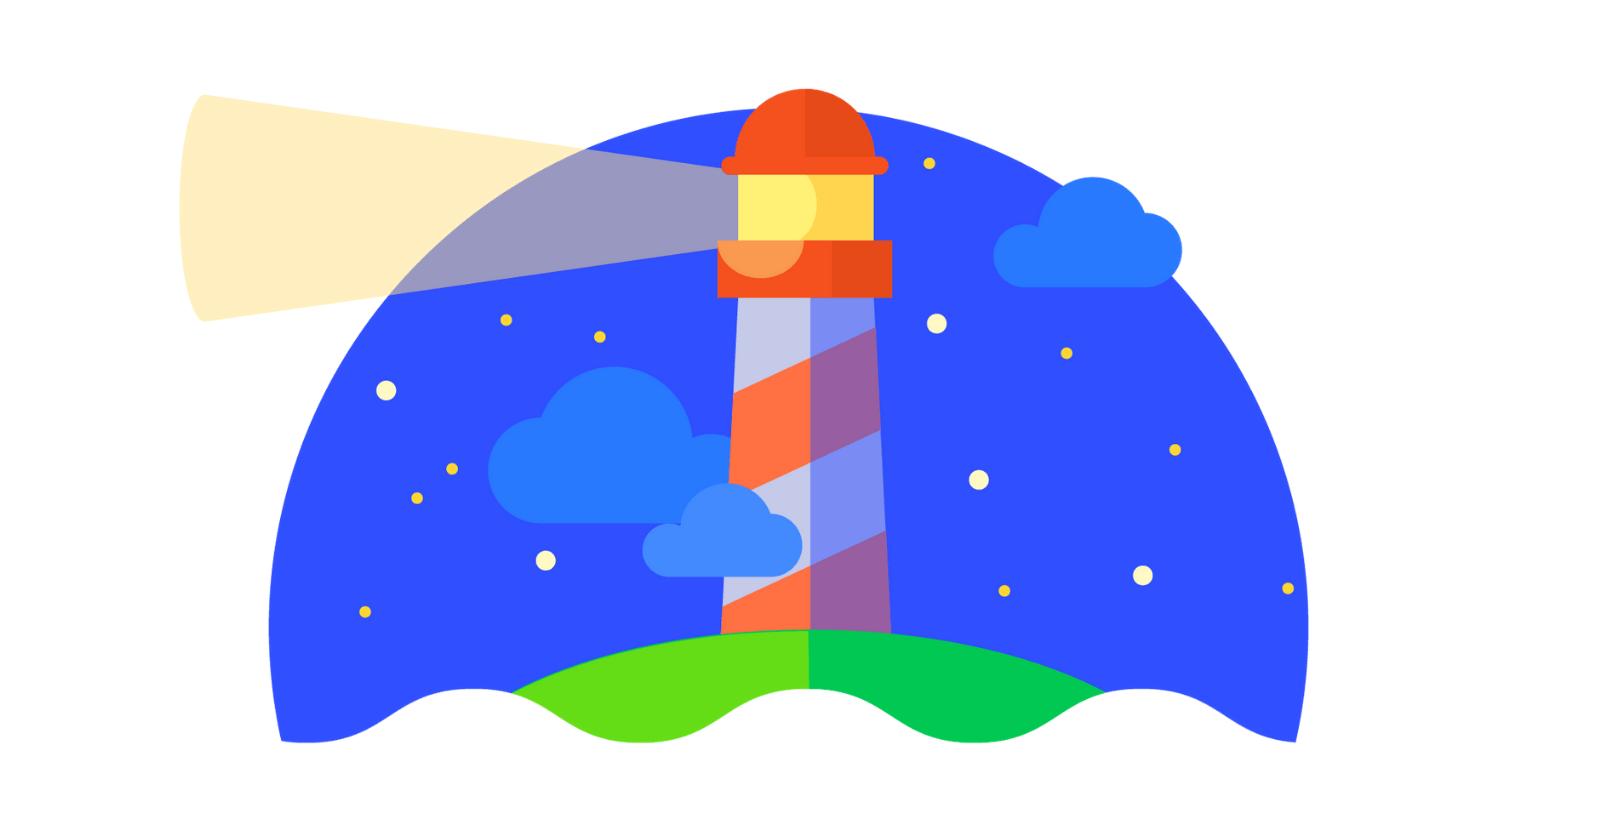 Google: Lighthouse mesure la rapidité avec laquelle un site se charge pour les utilisateurs réels